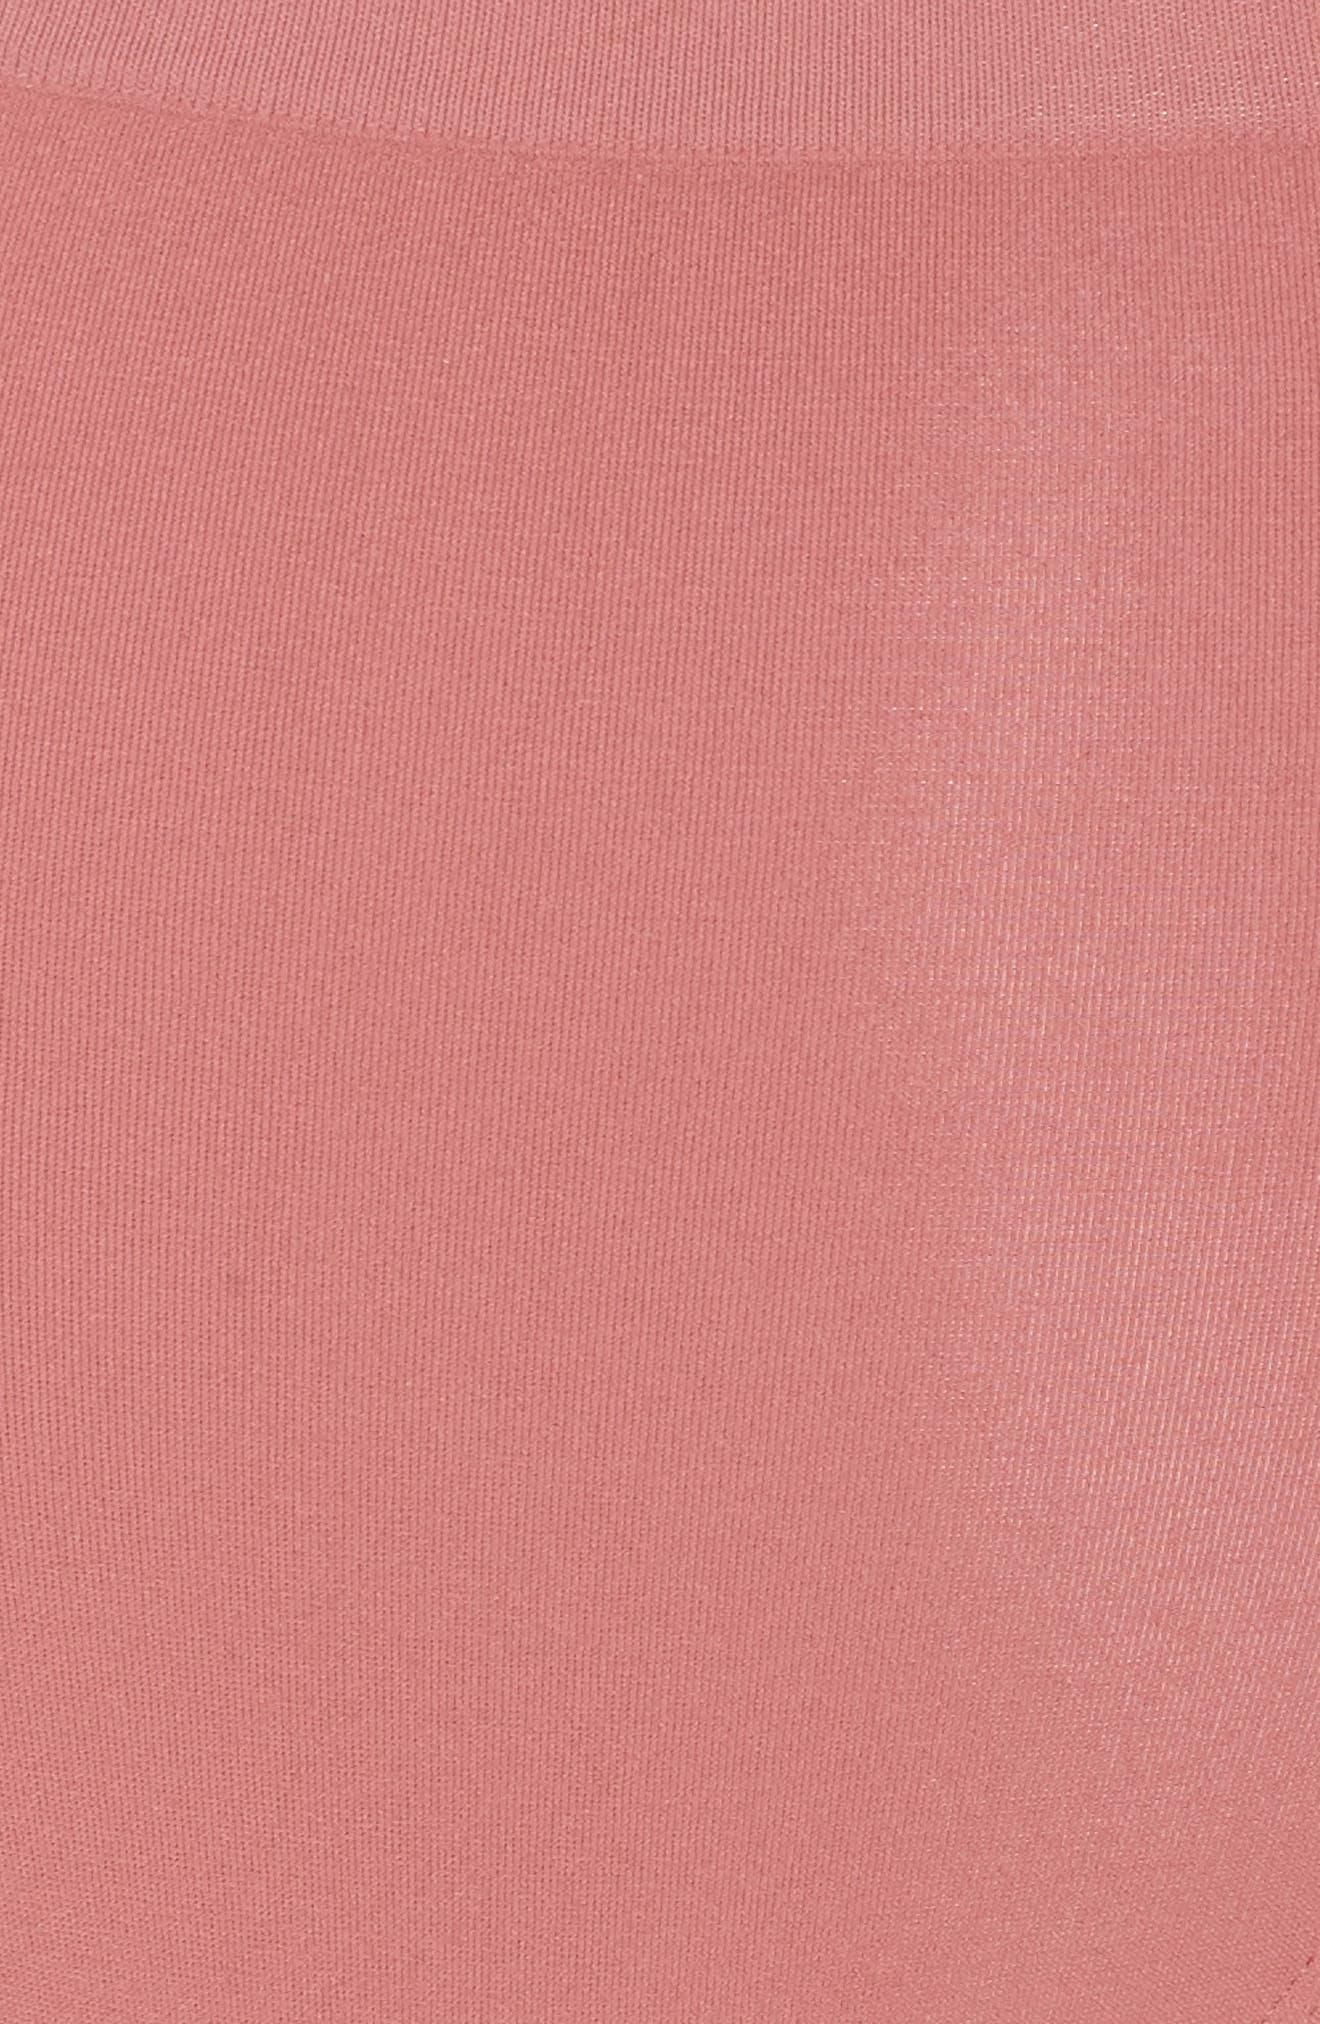 High Waist Seamless Briefs,                             Alternate thumbnail 5, color,                             PINK TAFFY